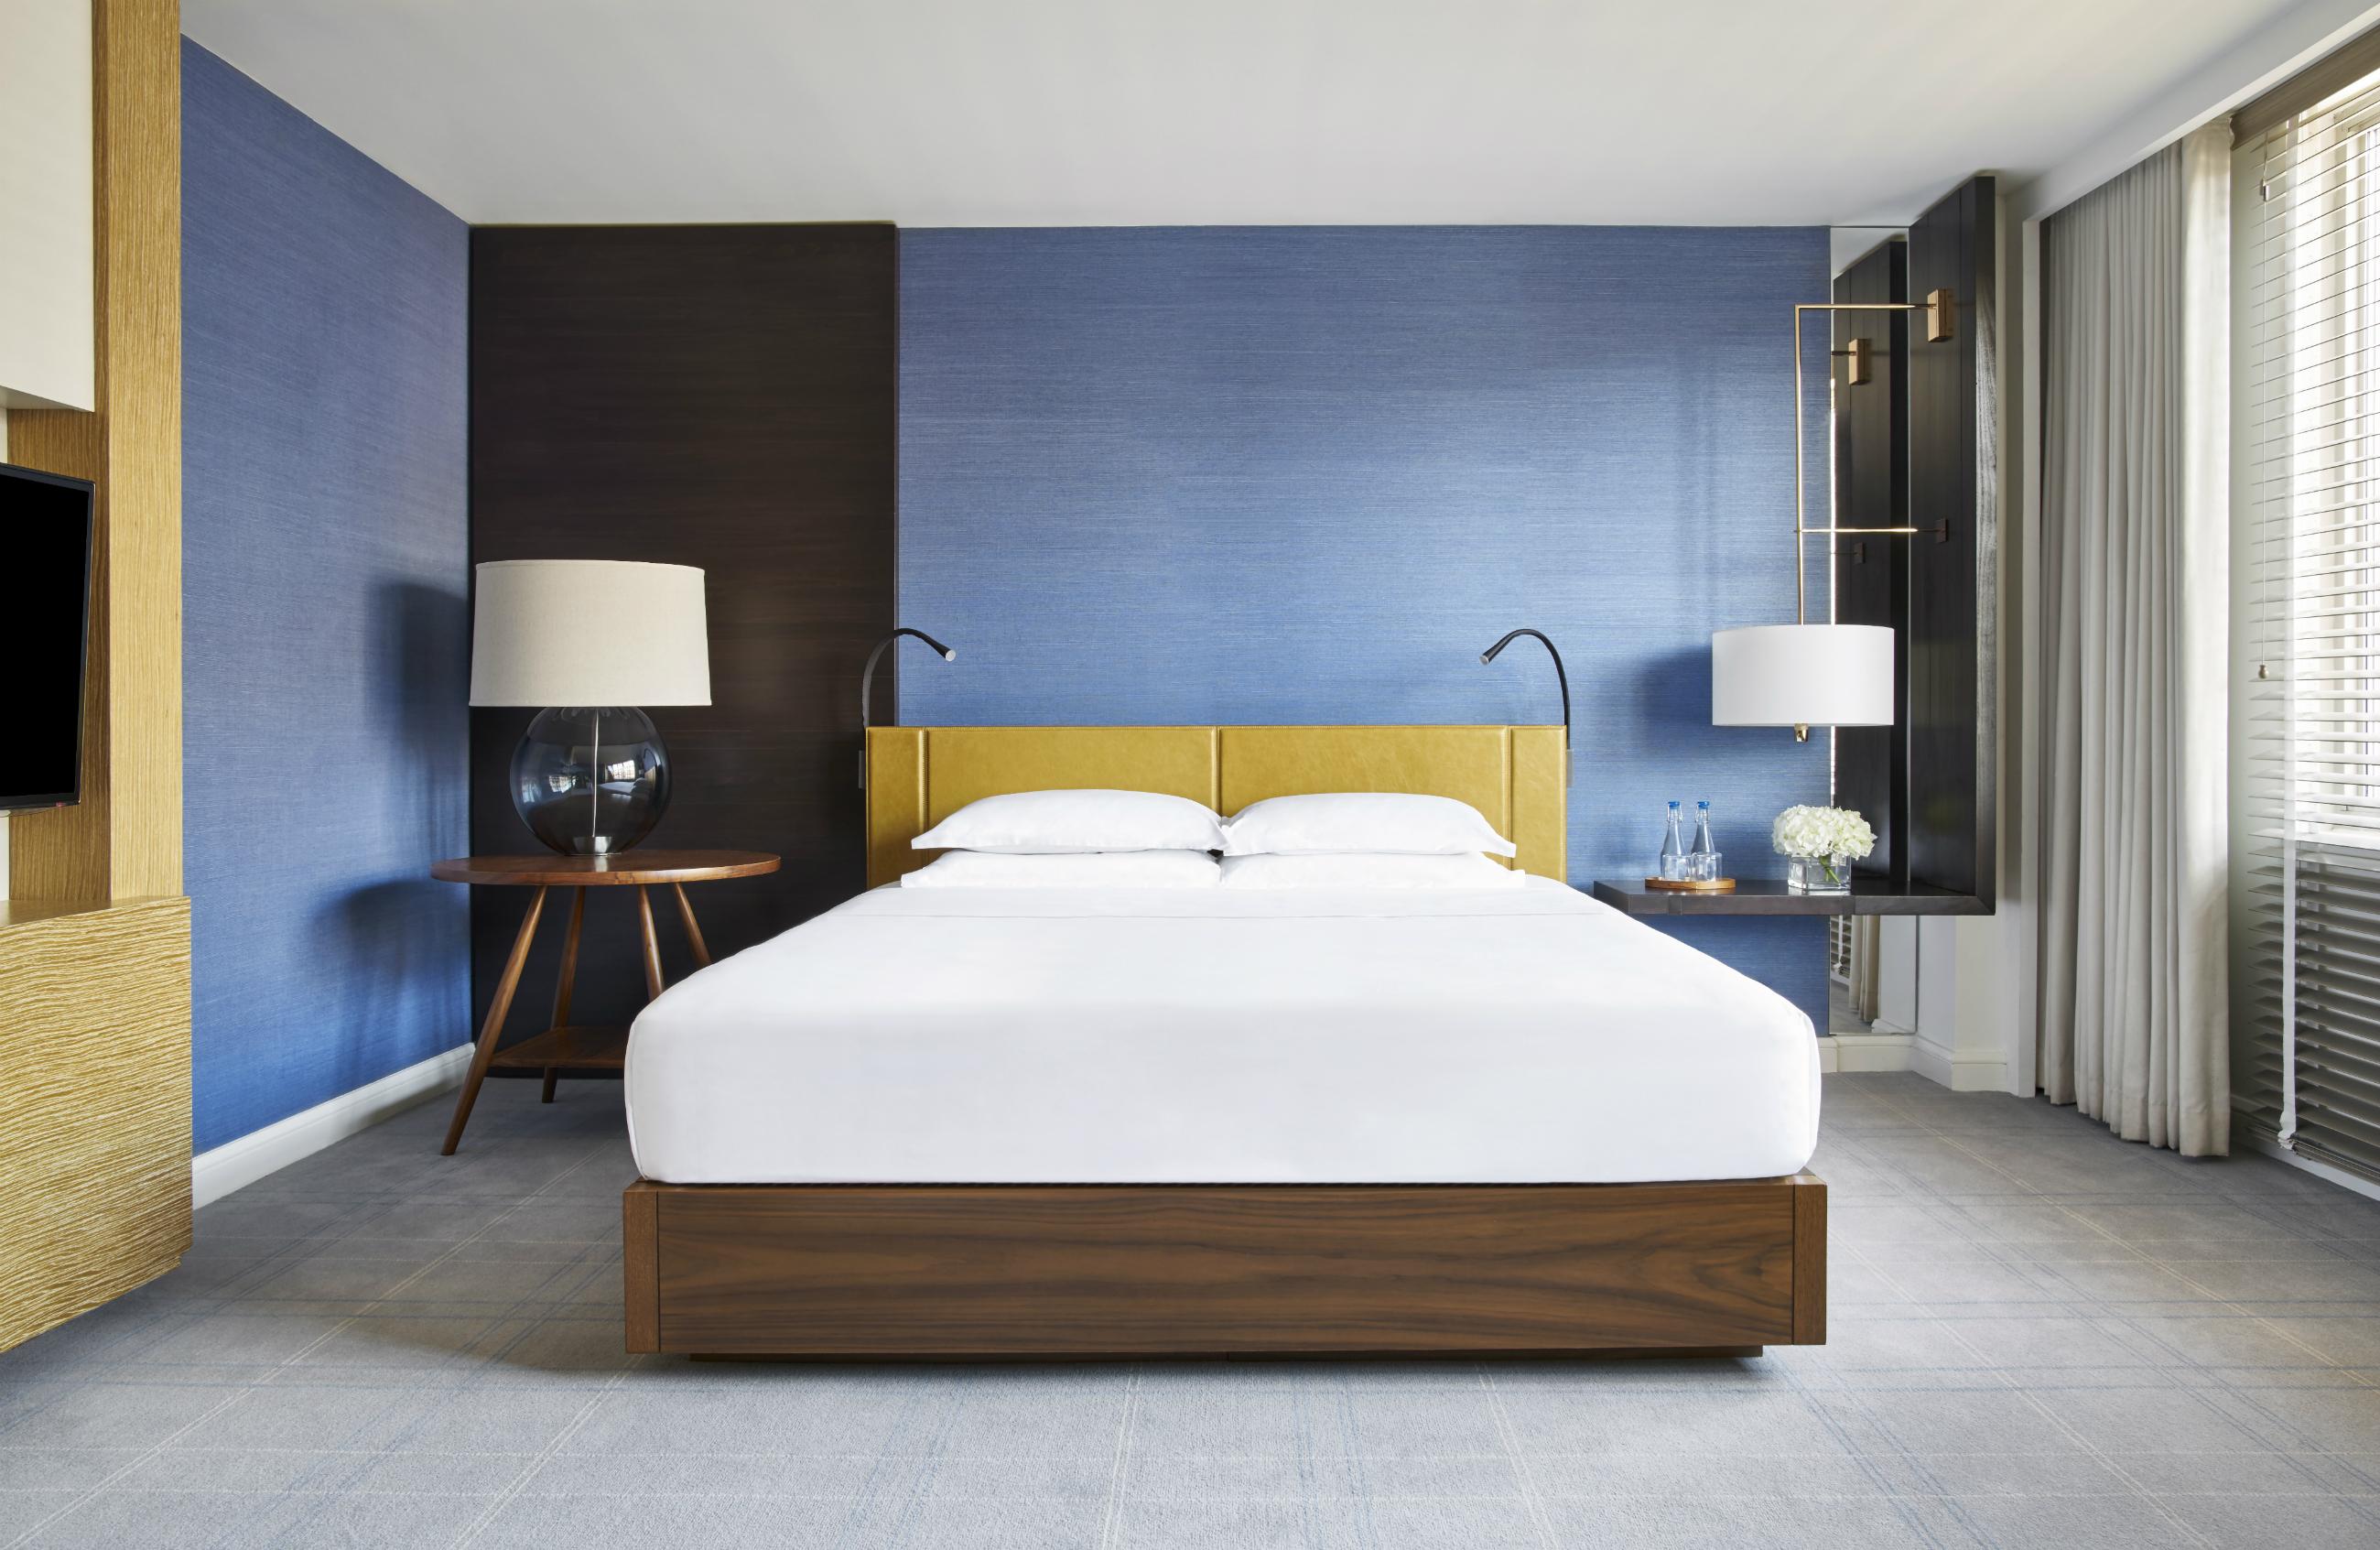 Park Hyatt king bed guestroom